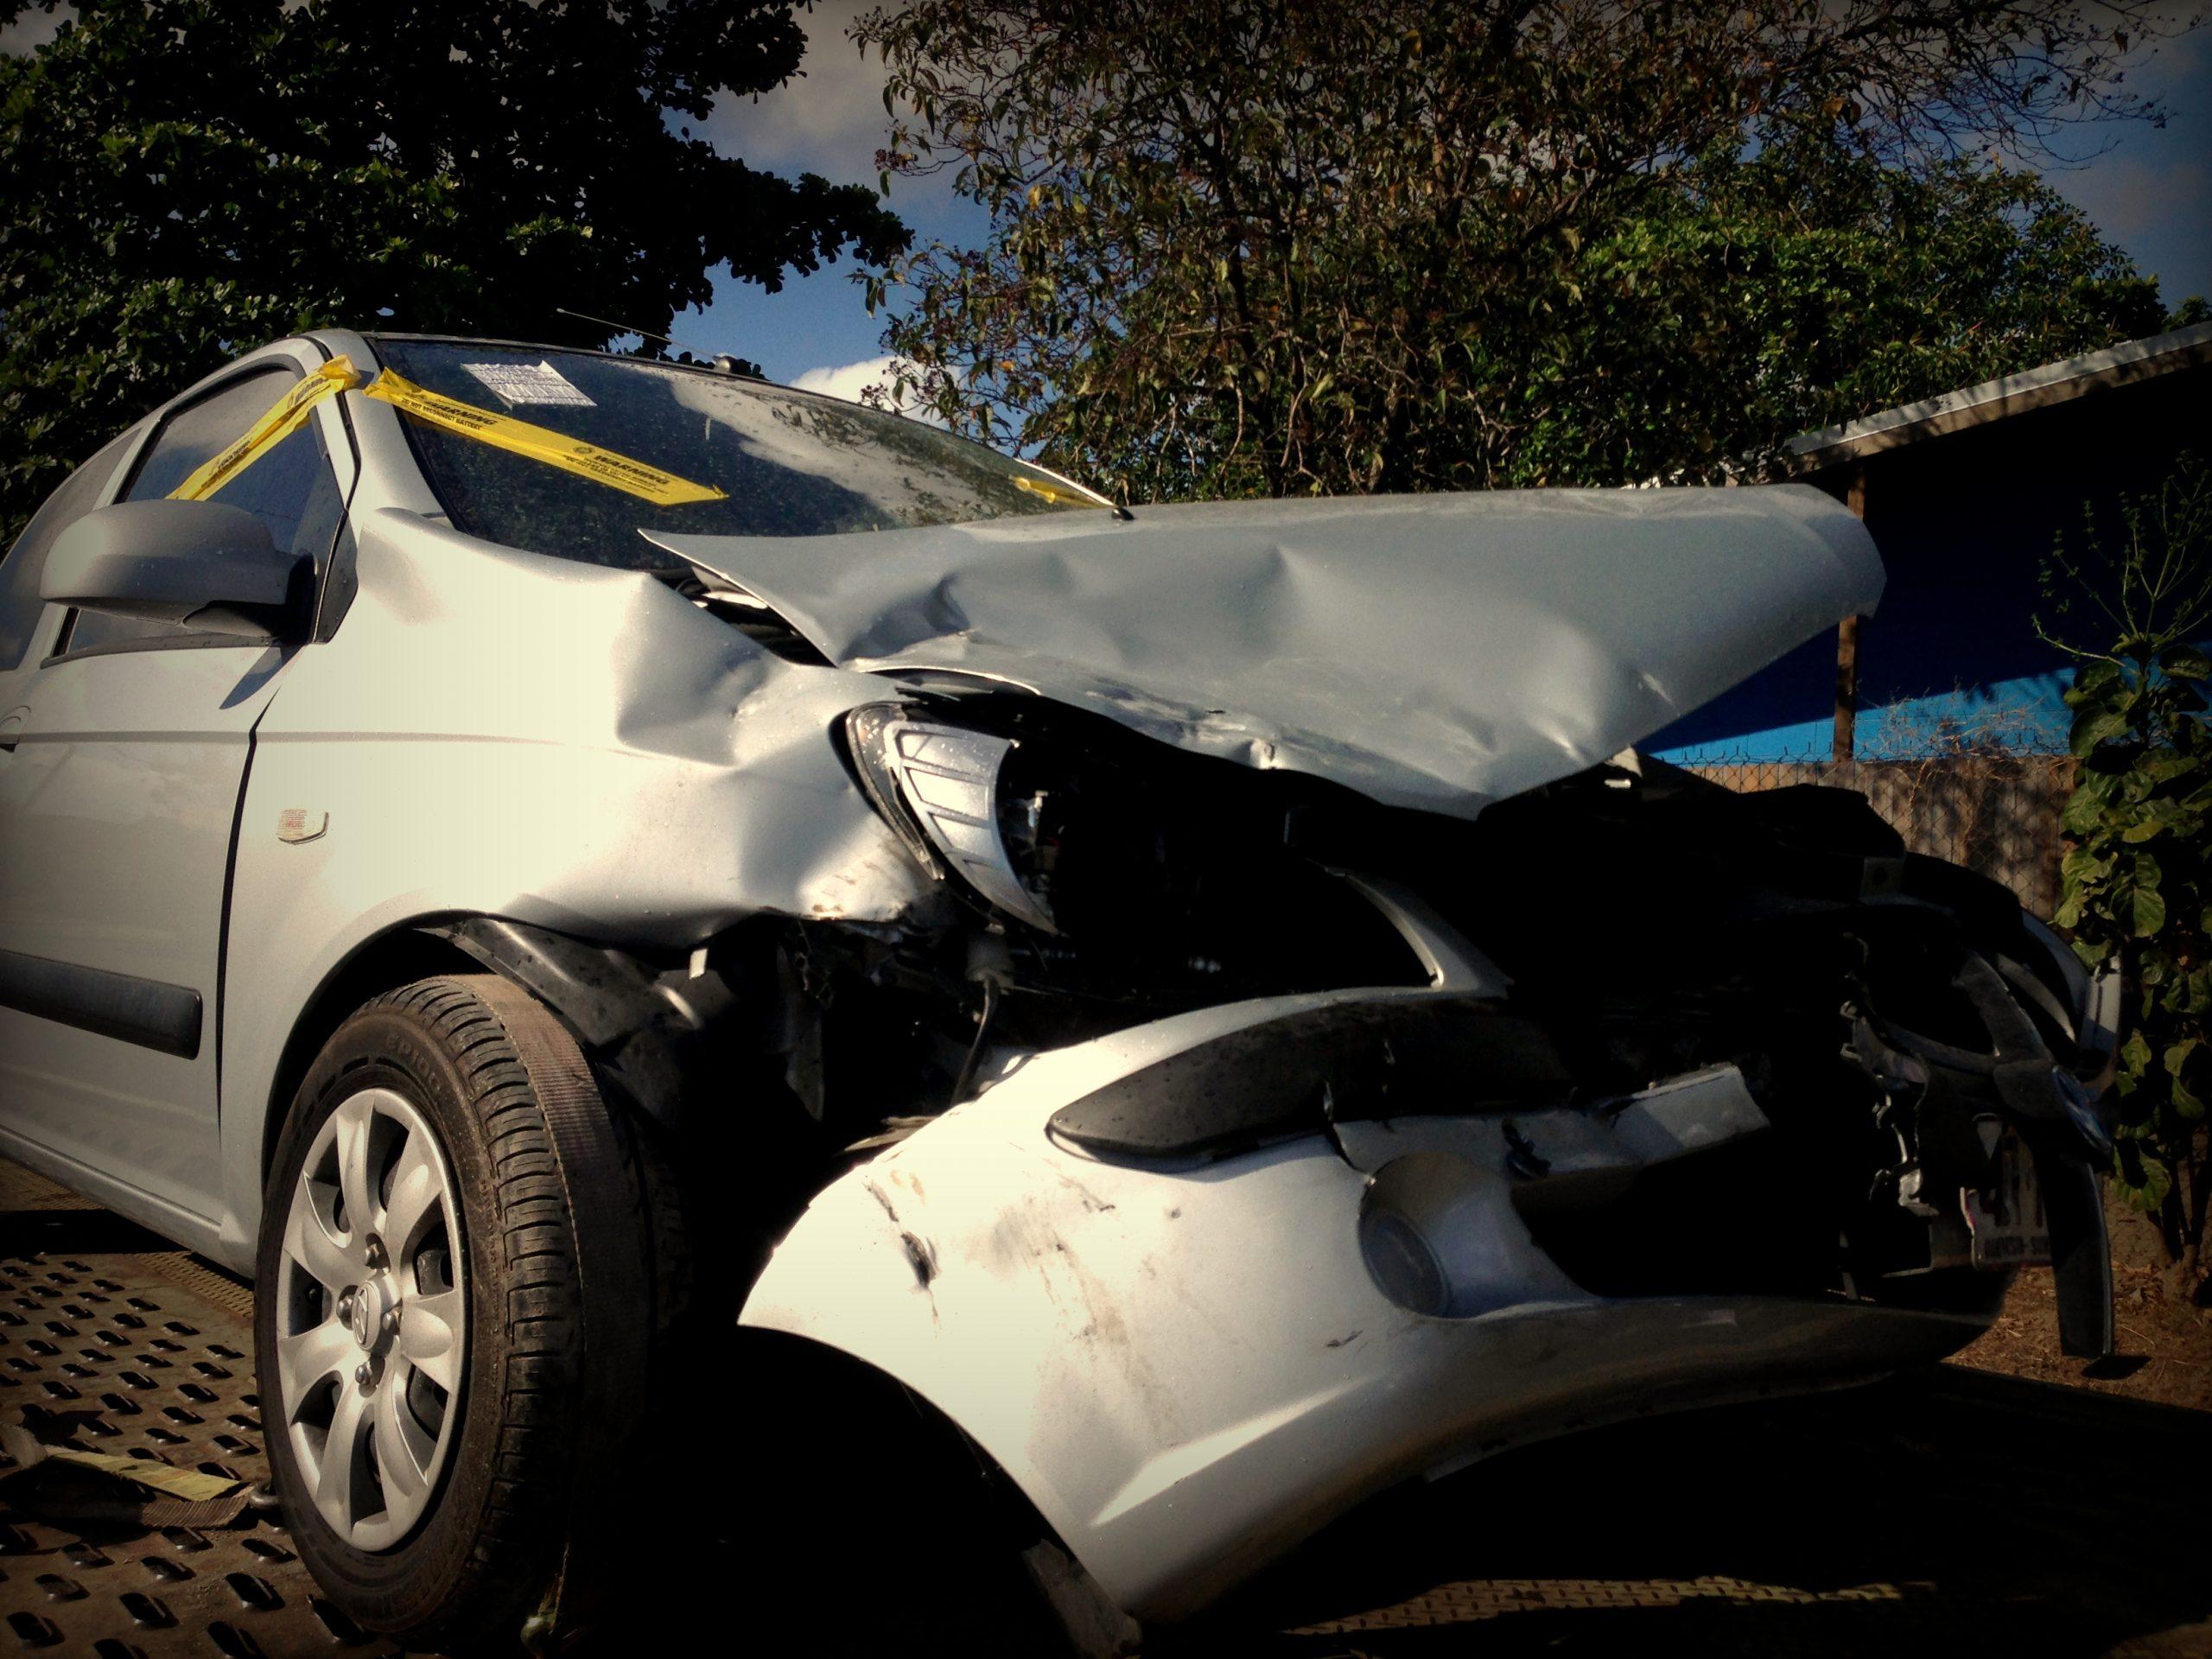 01 - Transporting a broken car